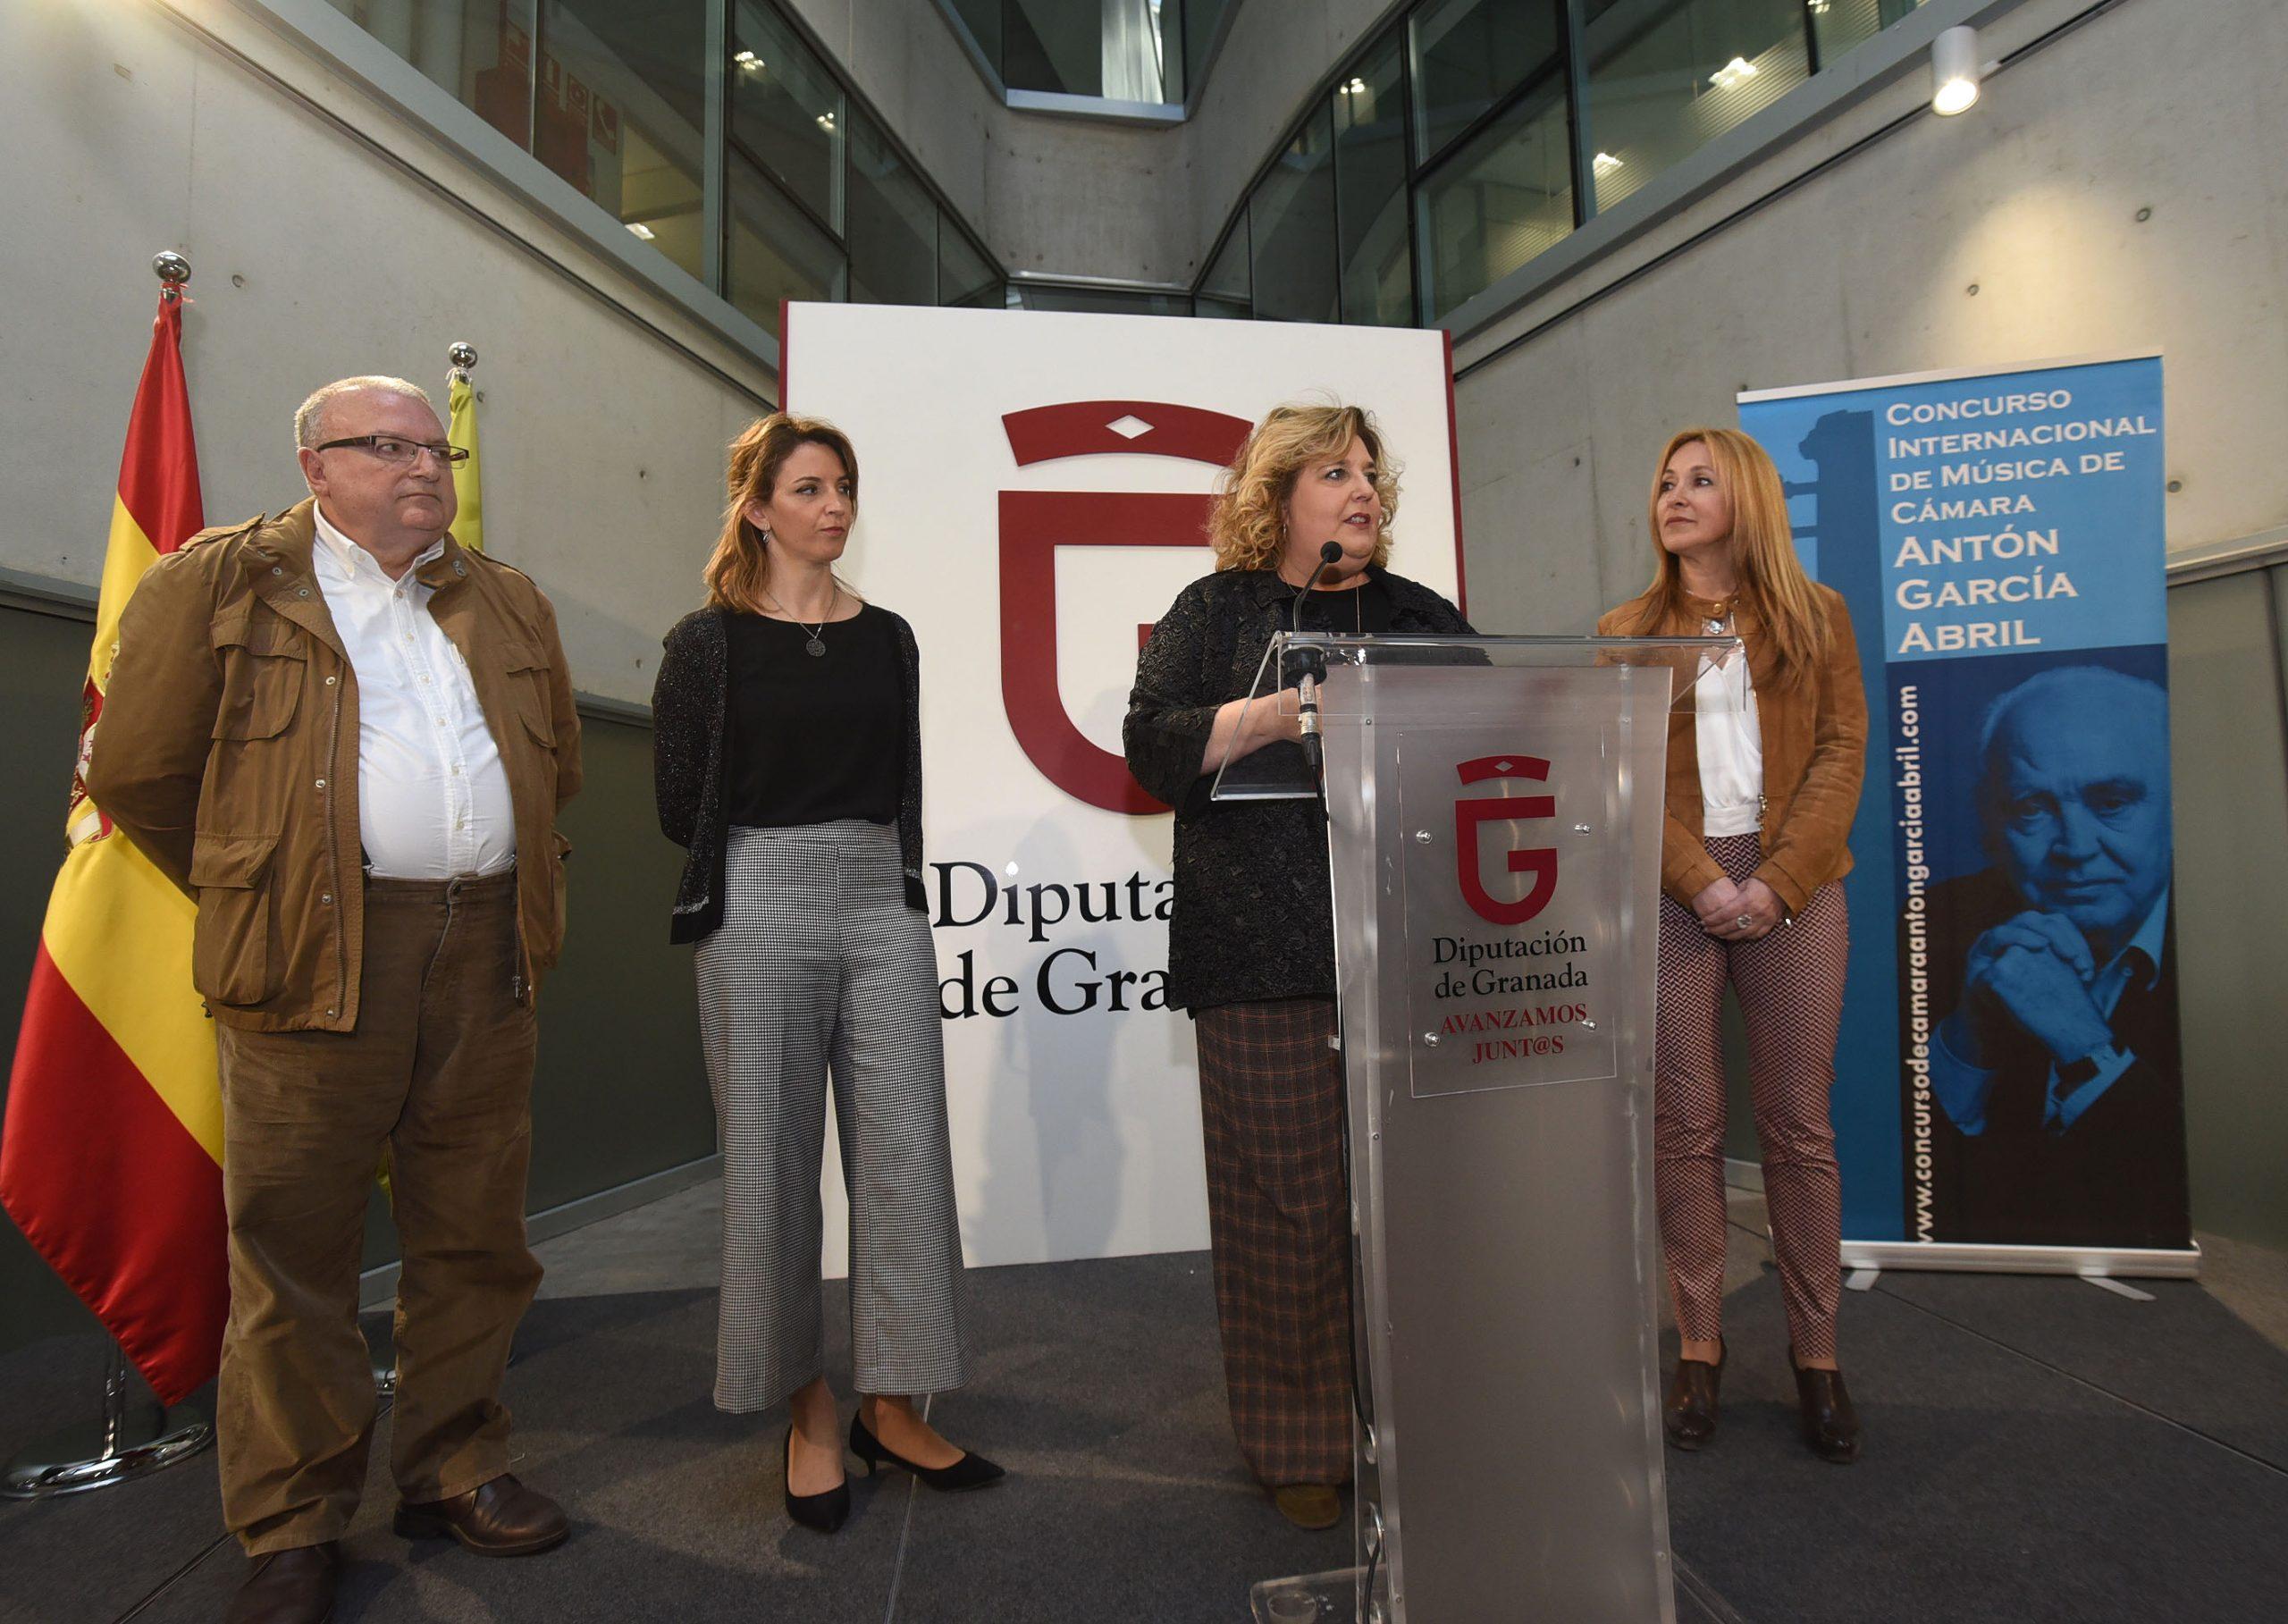 Presentación del concurso Antón García Abril